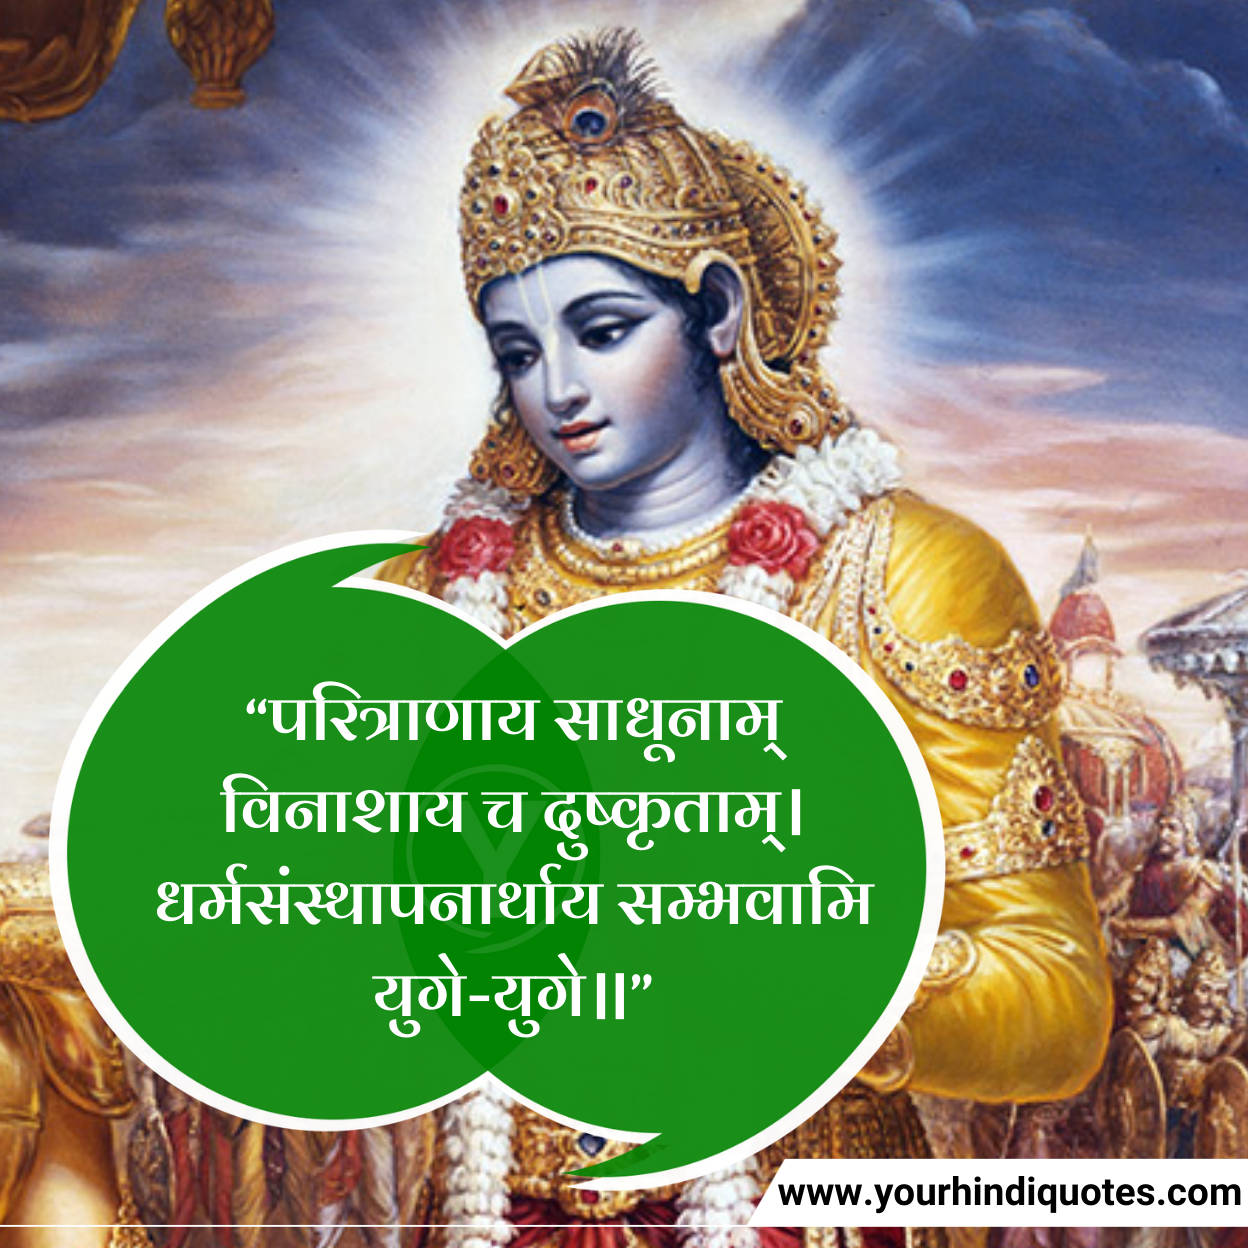 Bhagwat Geeta Shlok Hindi Images